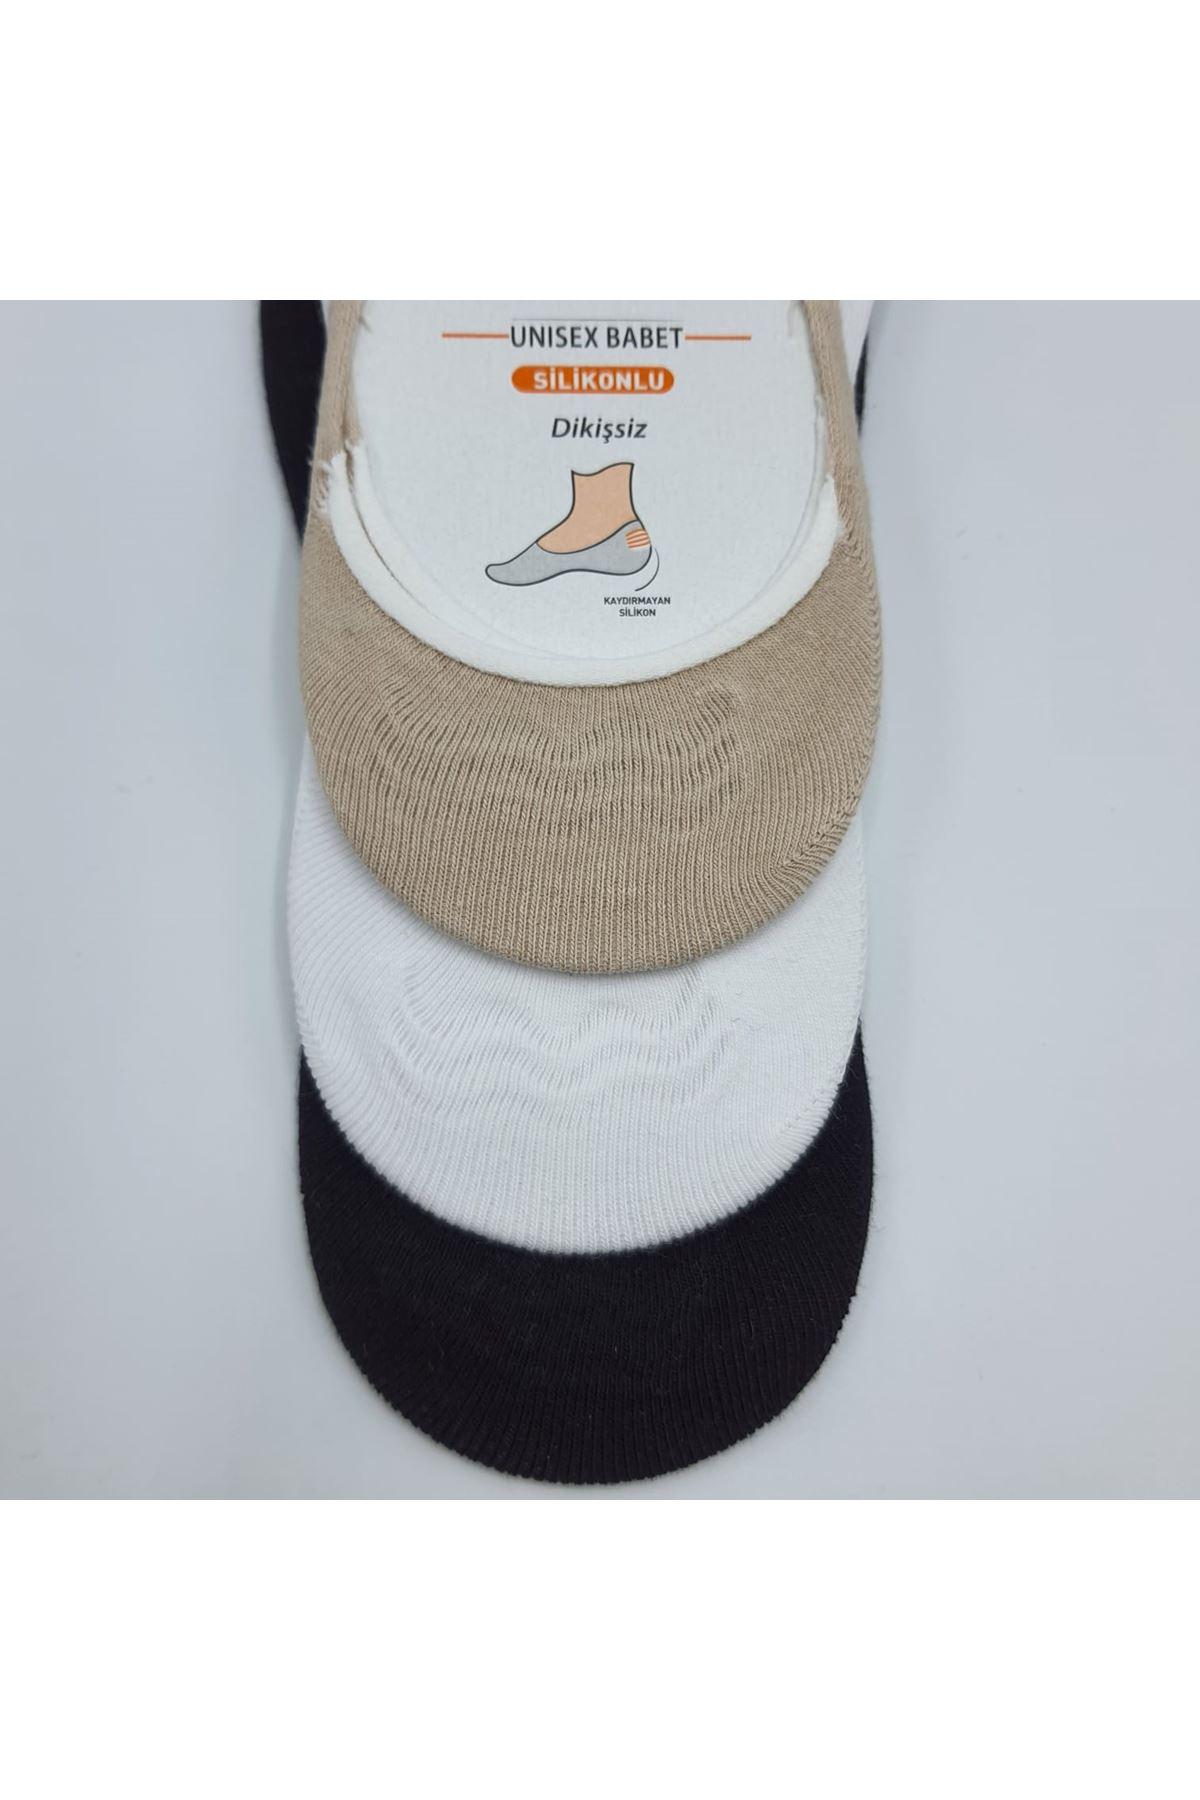 Altılı Kadın Babet Çorap Siyah Beyaz Bej